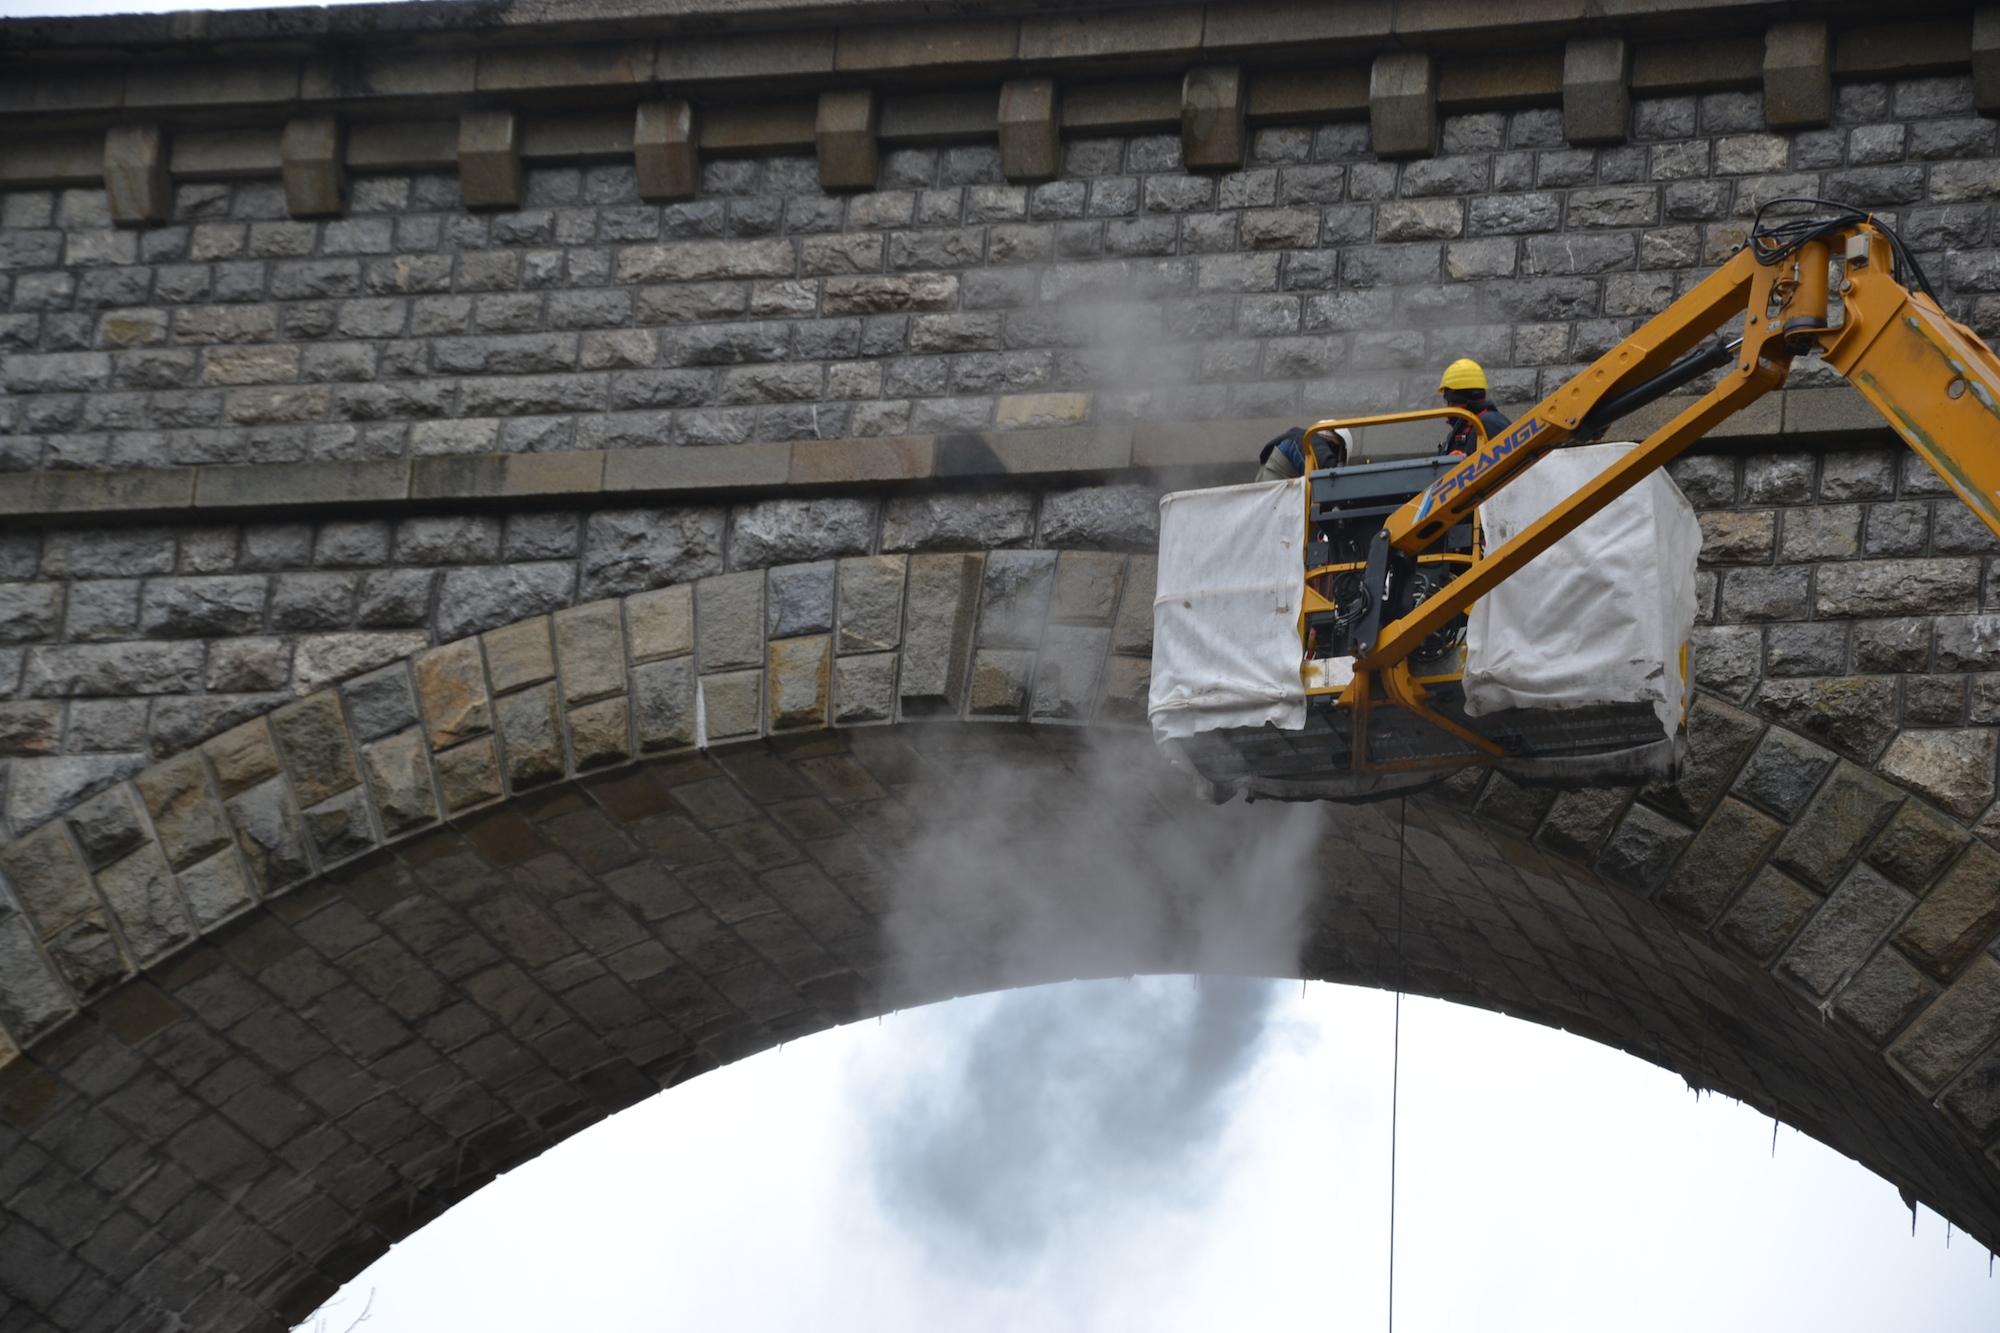 Die Reinigungsarbeiten dauern rund 4 Wochen. Foto: www.eisenstrasse.info